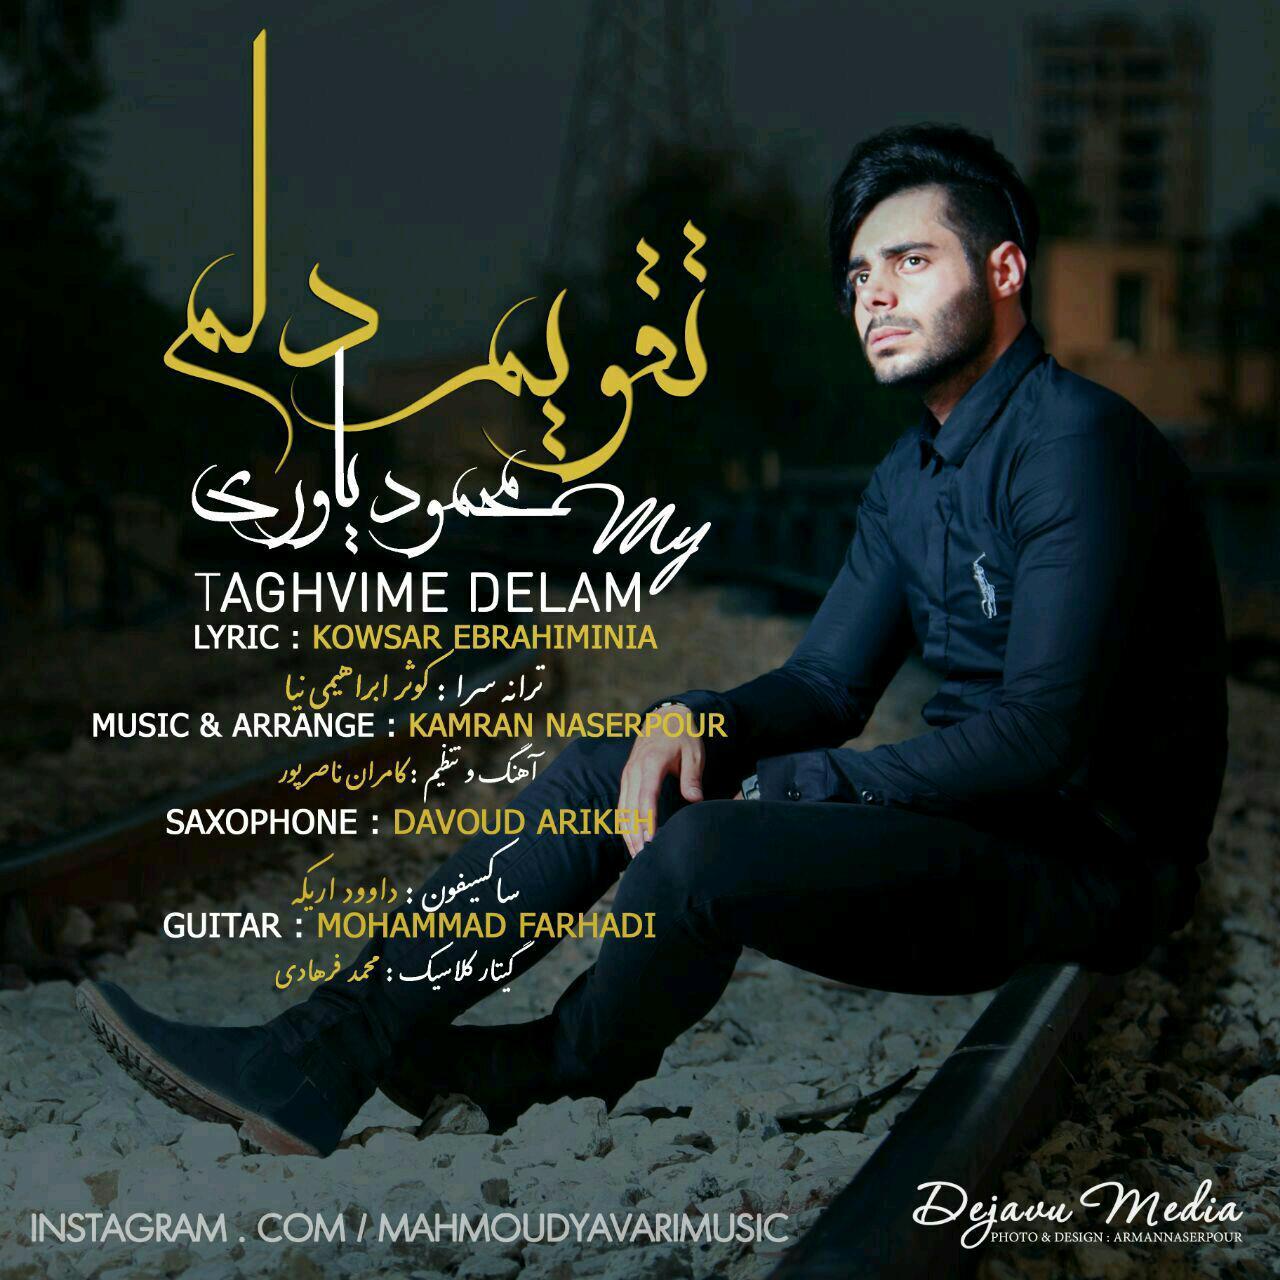 دانلود آهنگ جدید محمود یاوری بنام تقویم دلم